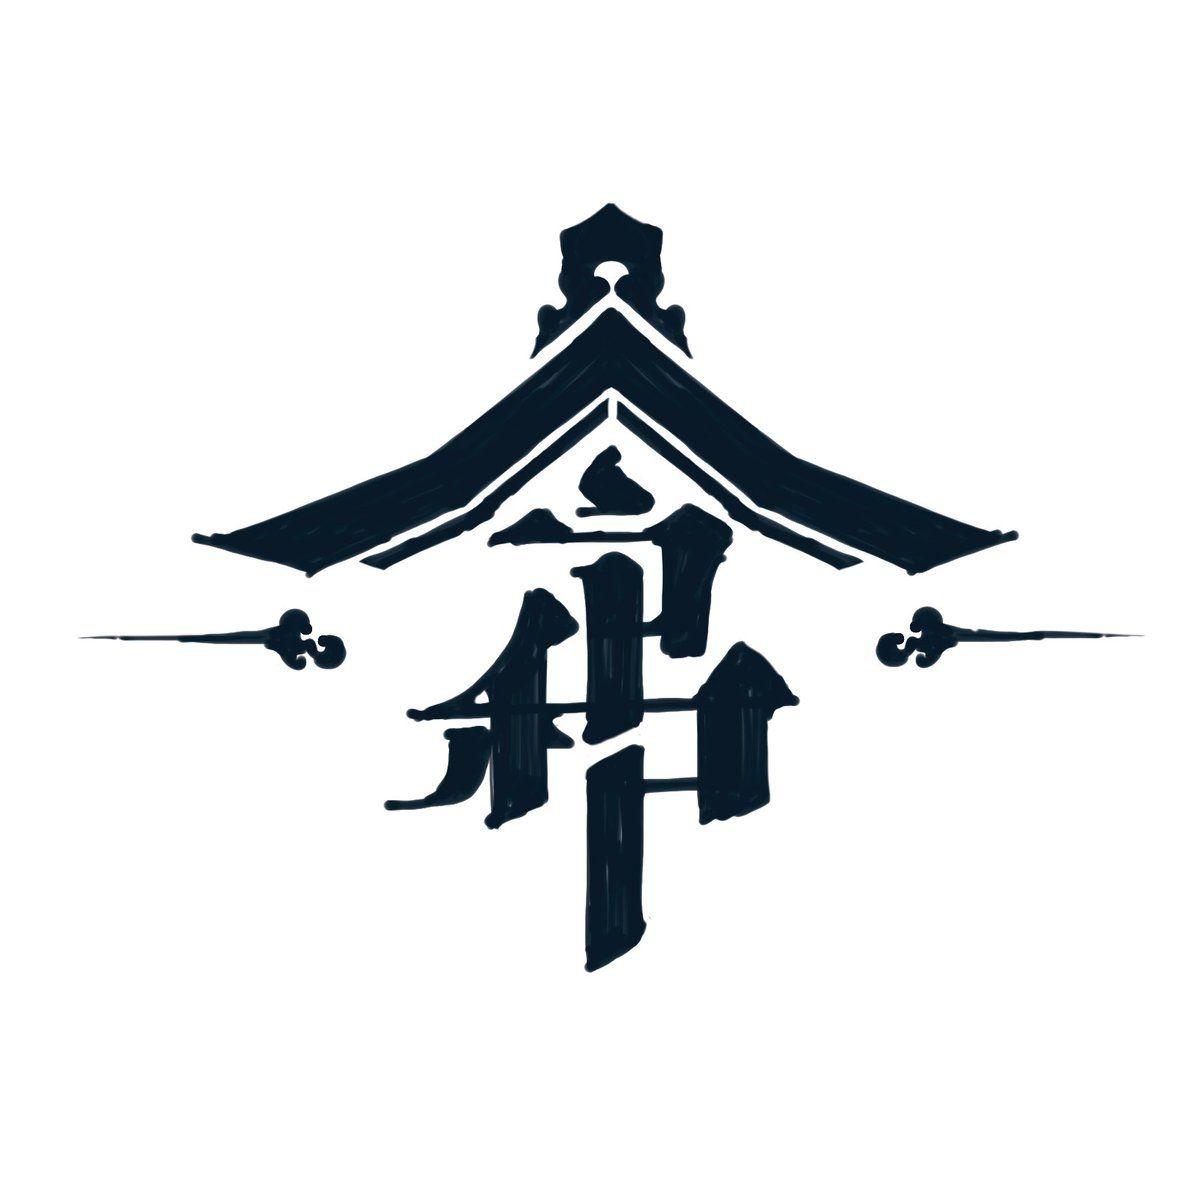 紺助 on twitter font design logo logo design graphic design posters